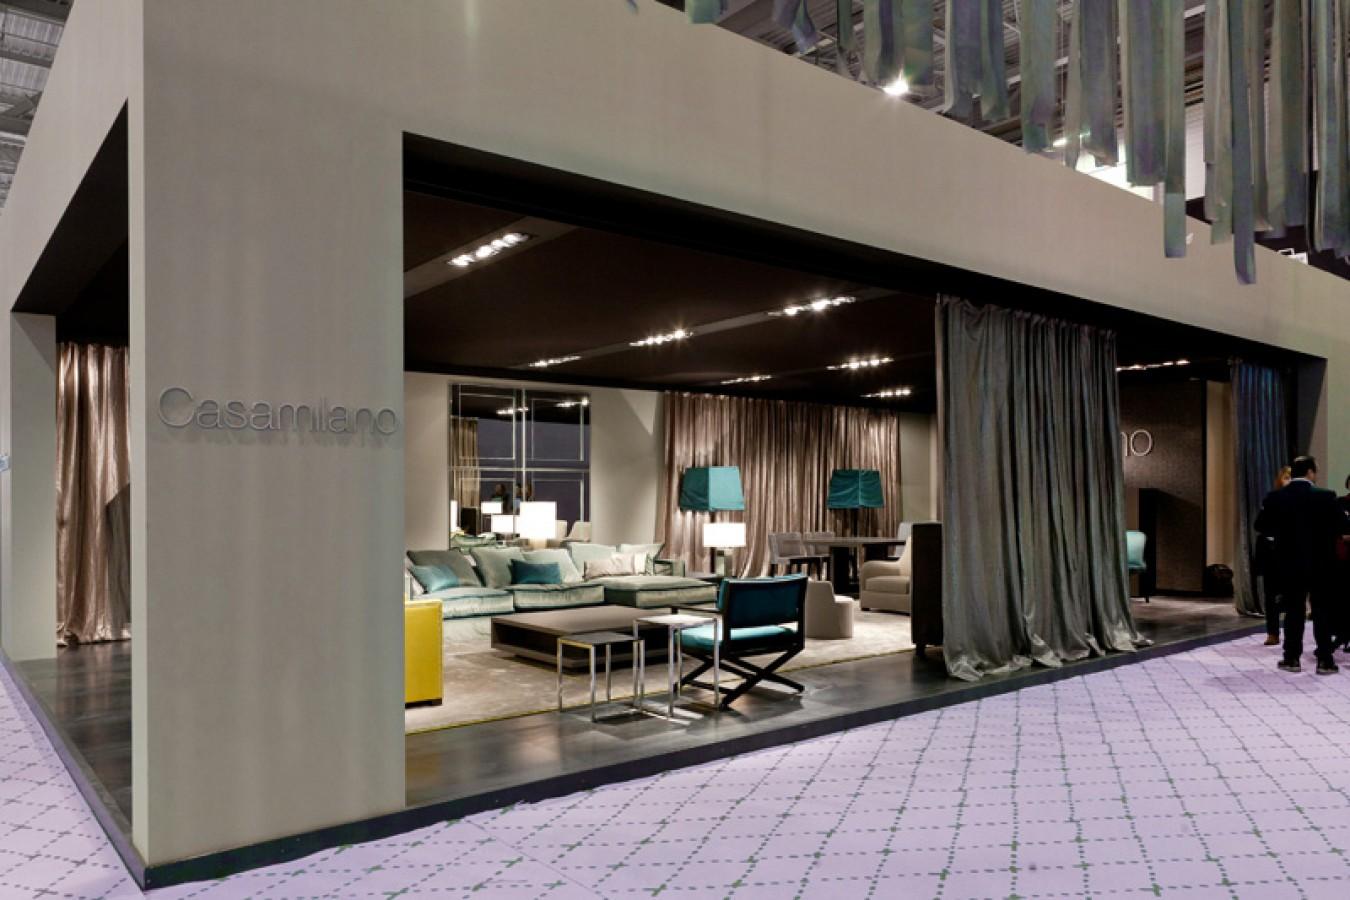 Tekart architecture architectes associ s concepteur de for Entree gratuite salon maison et objet